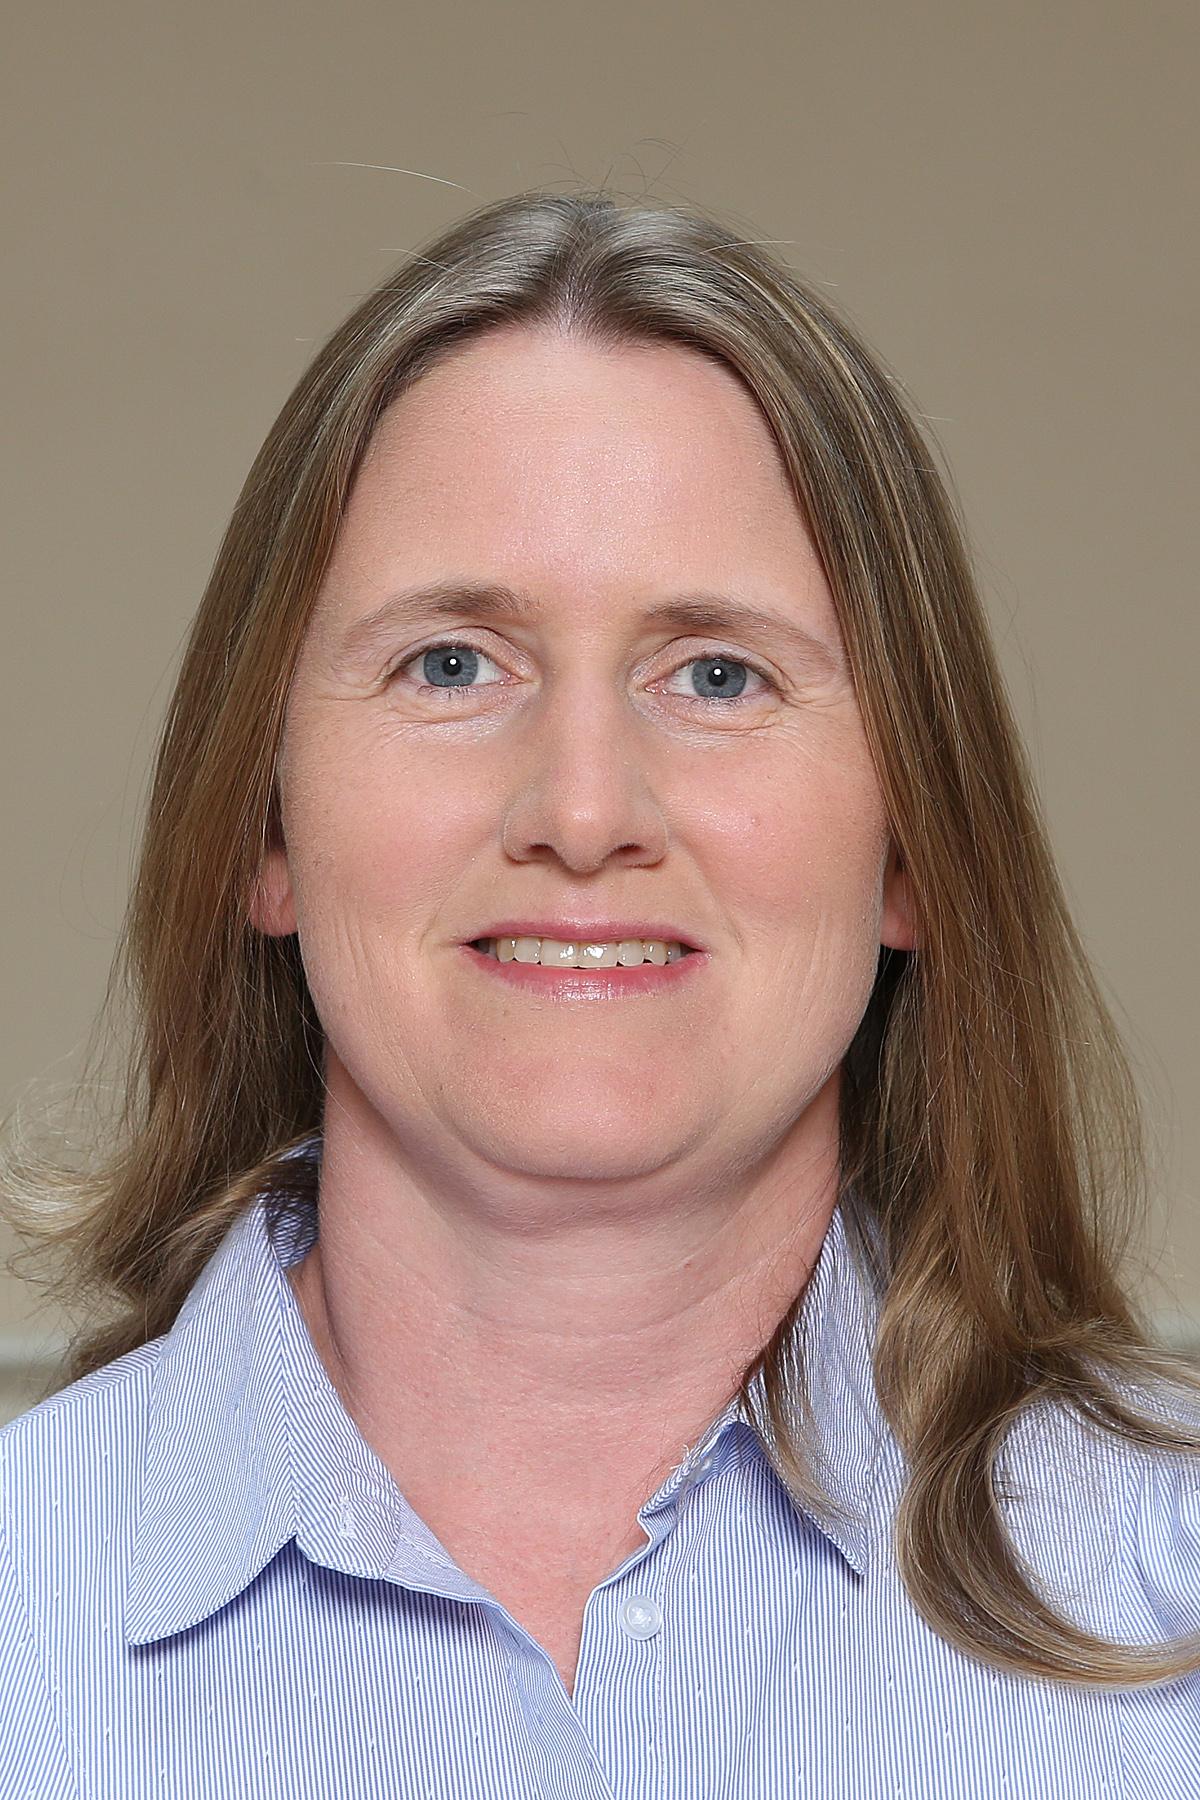 Cllr Ann-Marie Donnelly